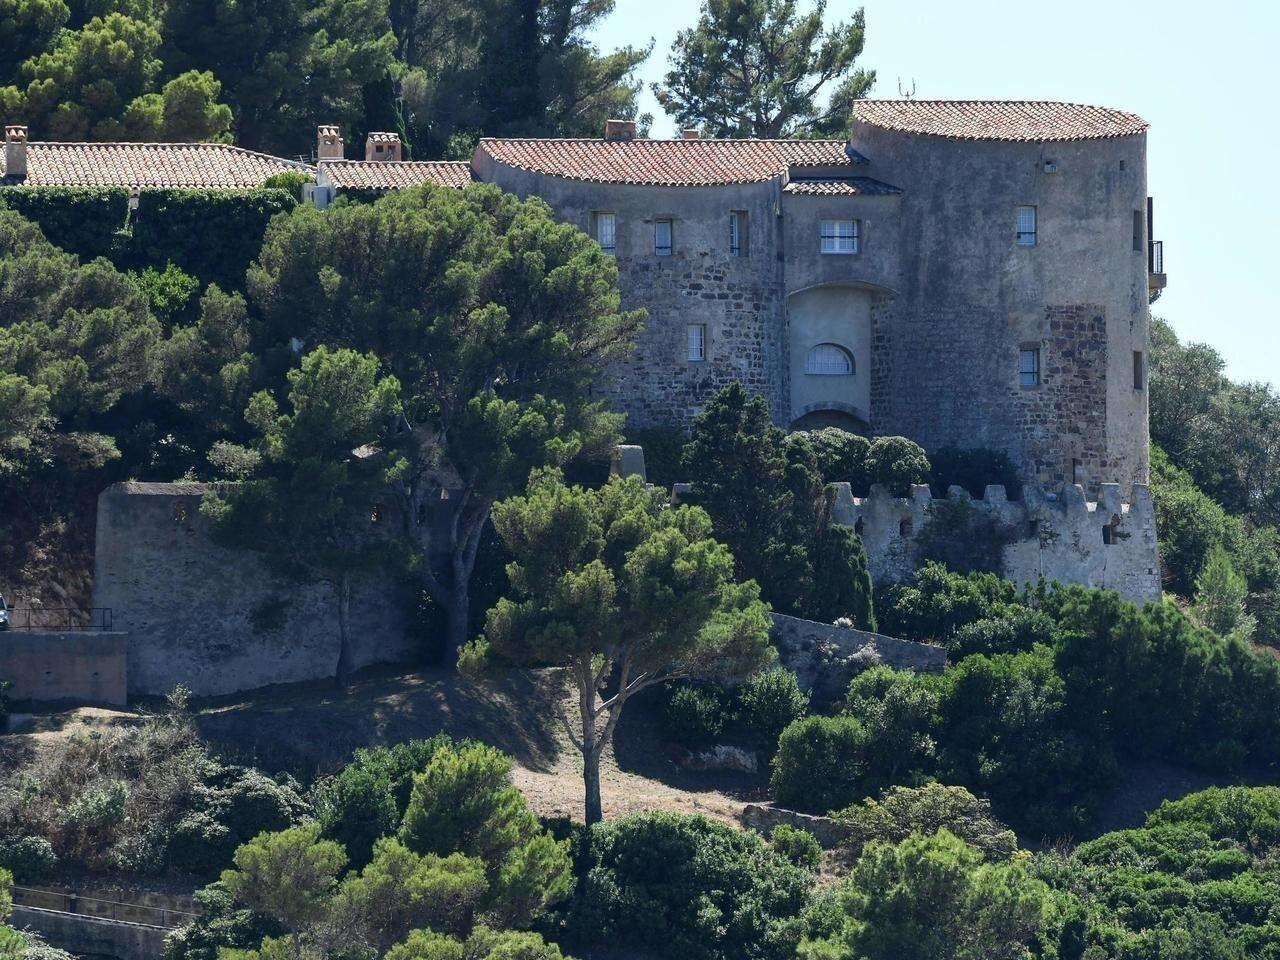 З 1968 року Форт де Брегансон офіційно став літньою резиденцією французьких президентів.